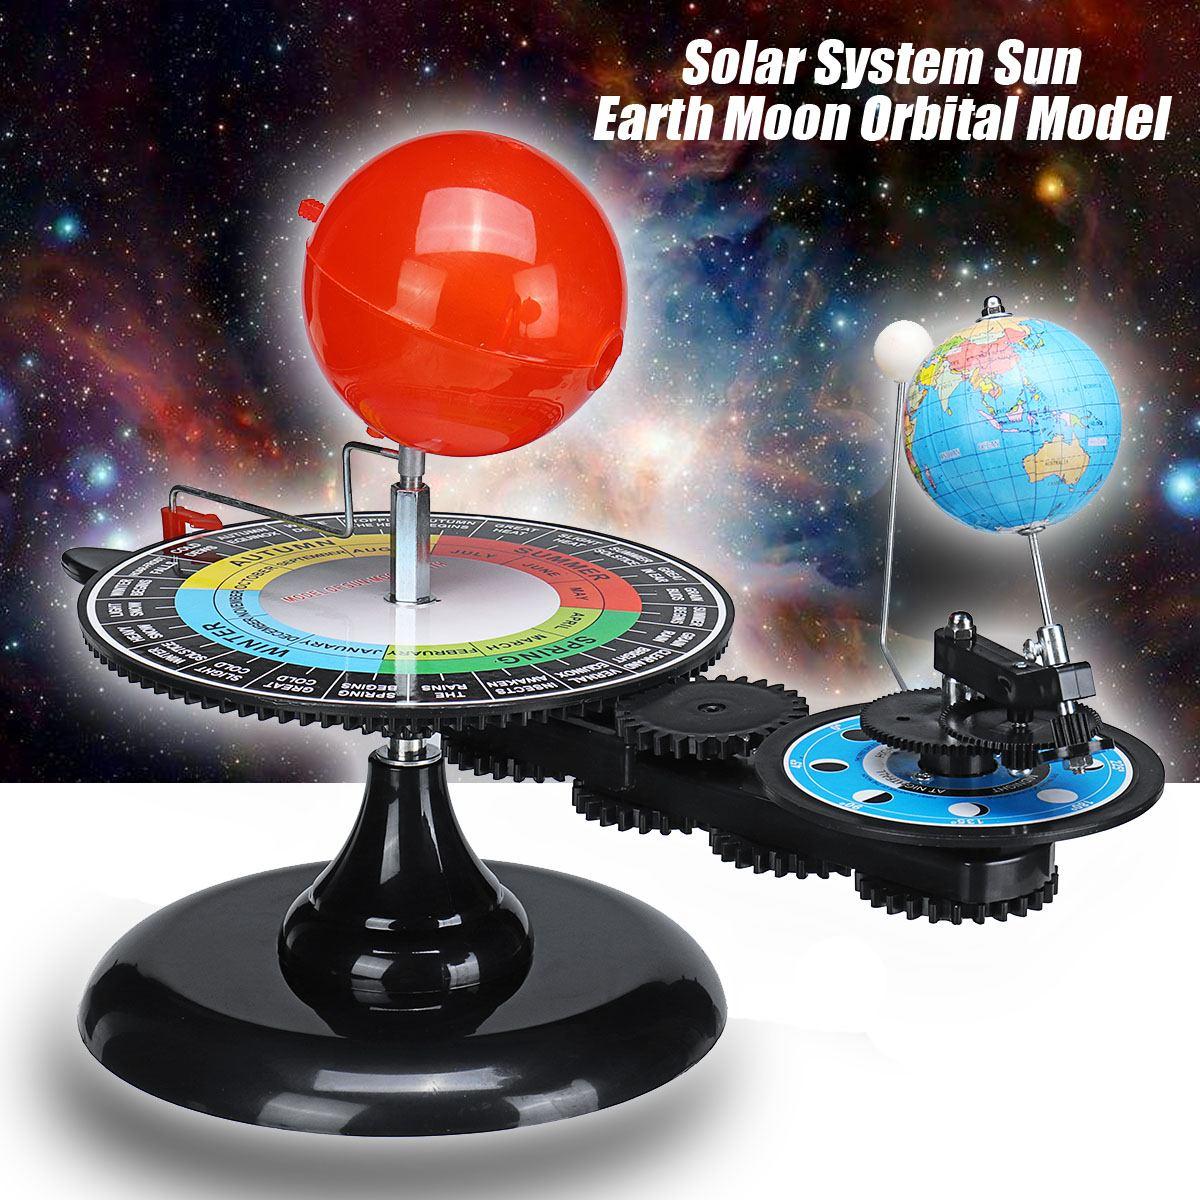 Dynamisch Globus Sonne Erde Mond Modell Orbital Welt Erde Planetarium Lehren Bildung Geographie Wissenschaft Astronomie Demo StraßEnpreis